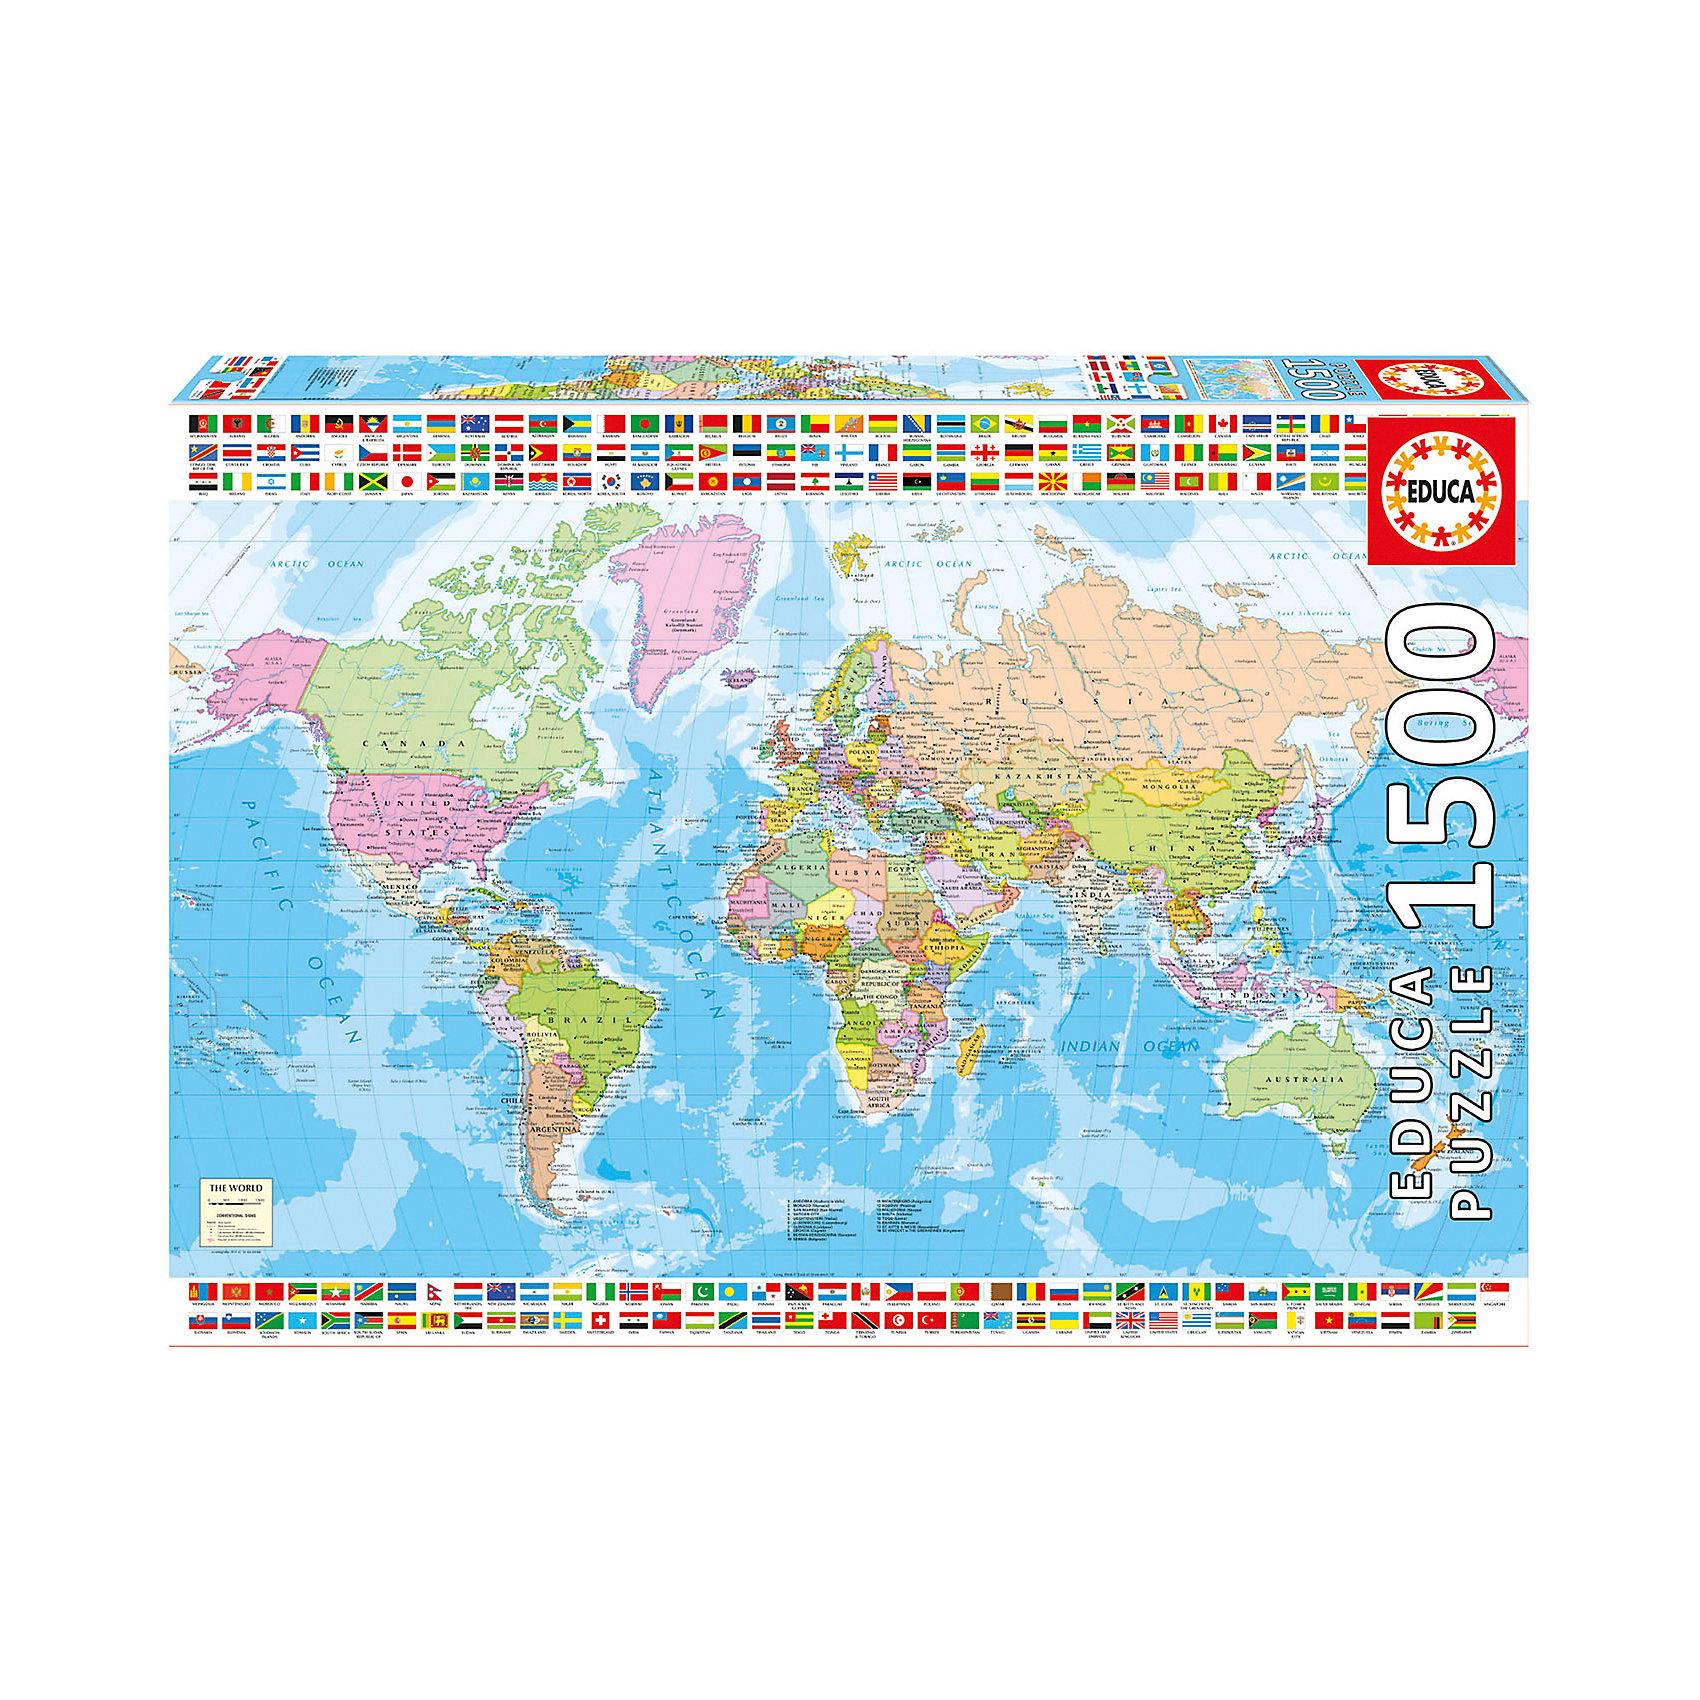 Пазл Политическая карта мира, 1500 деталей, EducaКлассические пазлы<br><br><br>Ширина мм: 430<br>Глубина мм: 300<br>Высота мм: 55<br>Вес г: 1164<br>Возраст от месяцев: 60<br>Возраст до месяцев: 2147483647<br>Пол: Унисекс<br>Возраст: Детский<br>SKU: 5514288